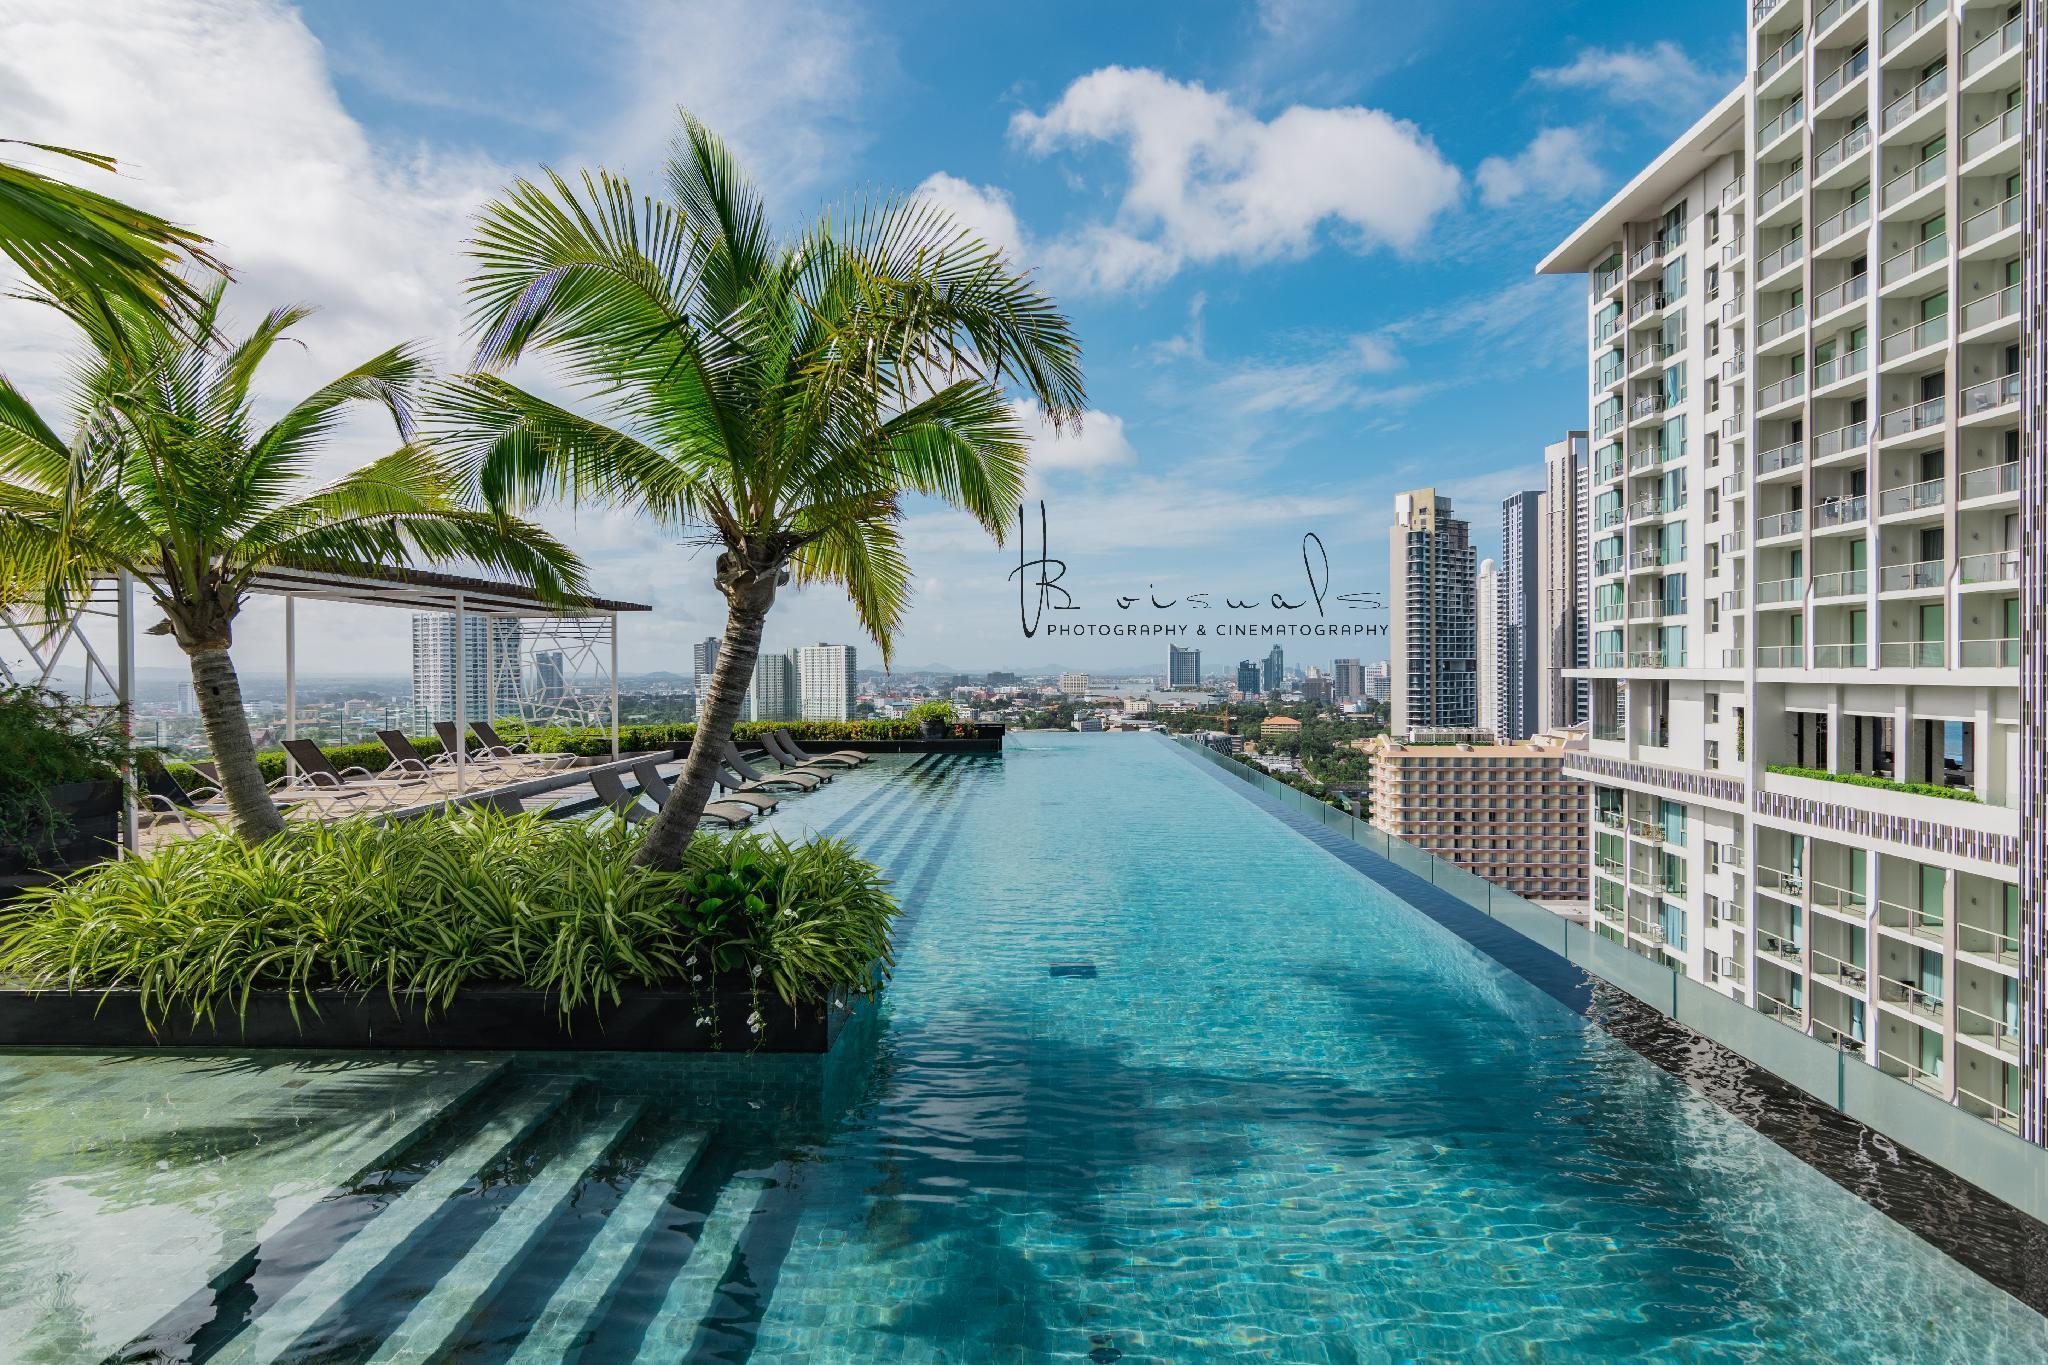 The Riviera Wongamat by Pattaya Holiday เดอะ ริเวียร่า วงศ์อมาตย์ บาย พัทยา ฮอลิเดย์